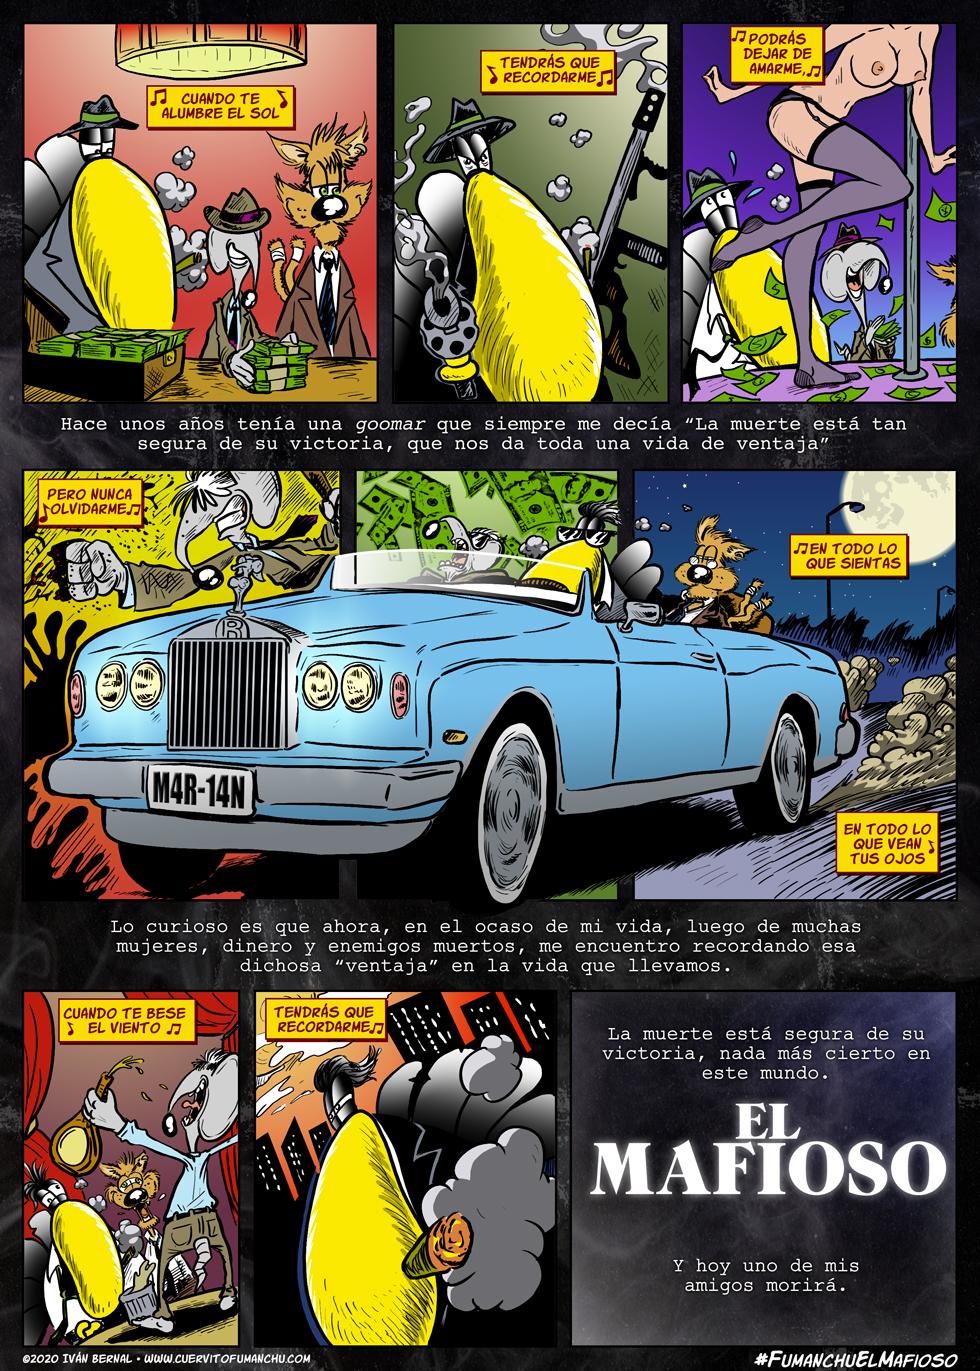 220. EL MAFIOSO 1